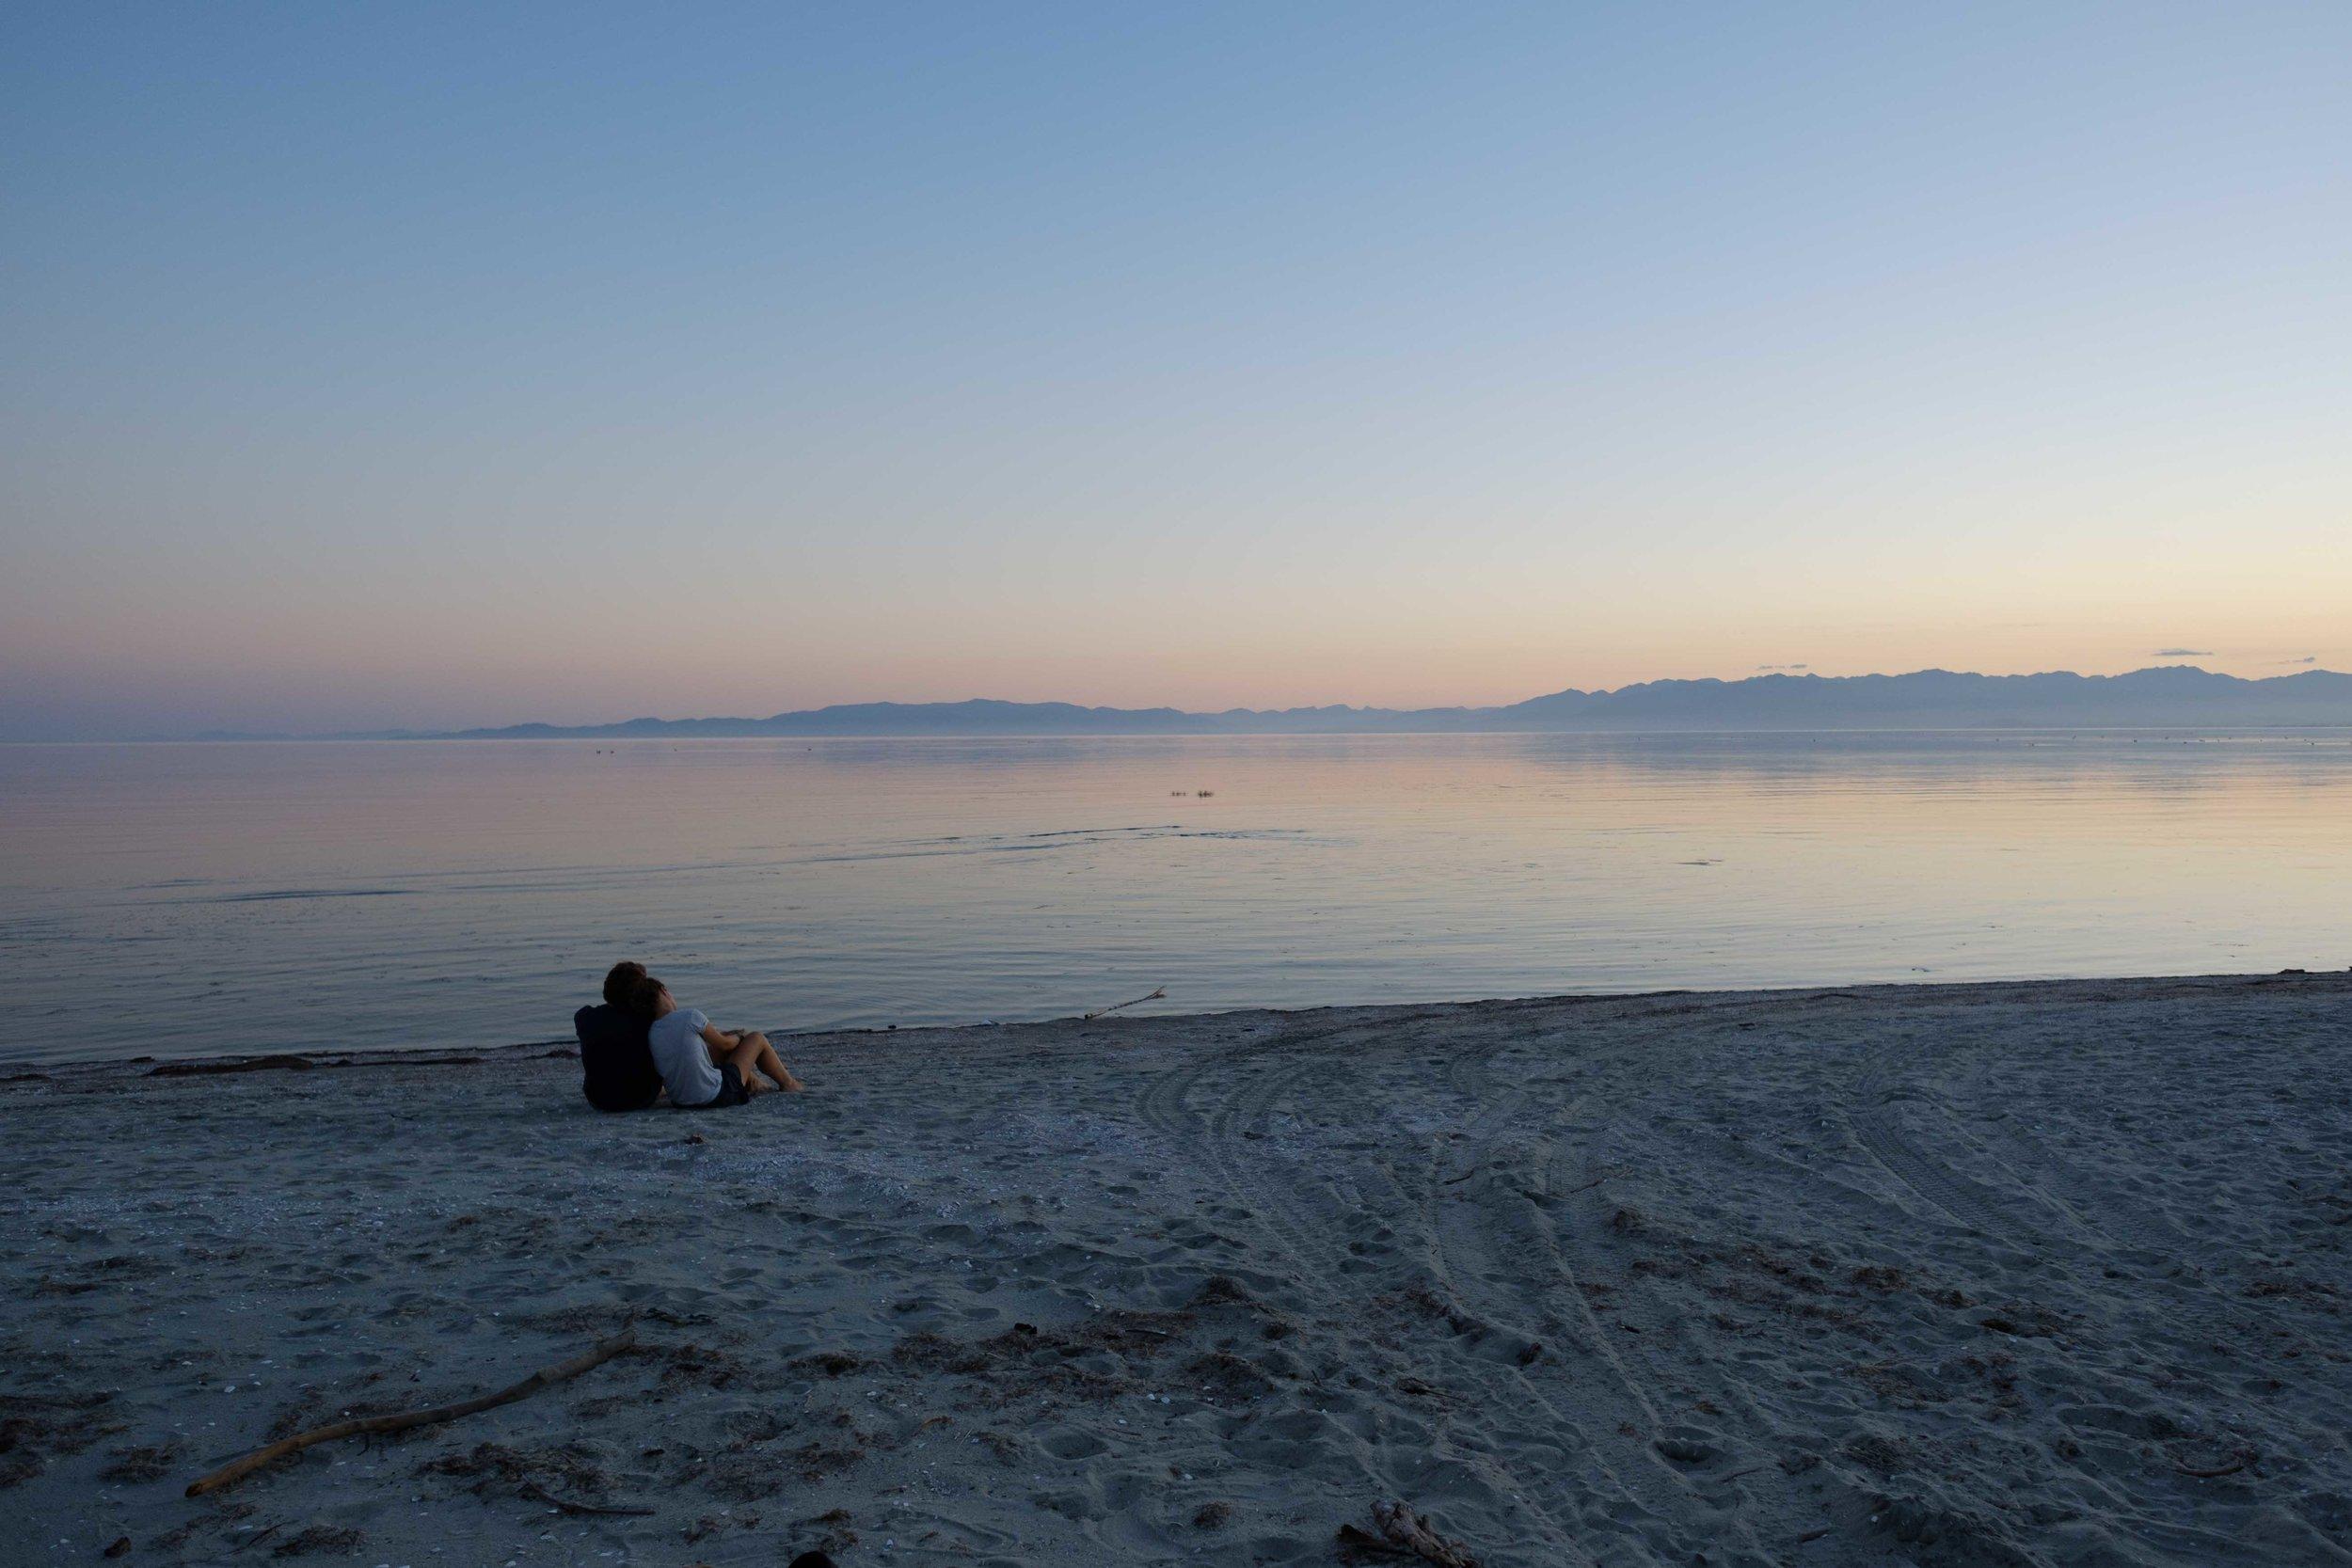 Super beau beau beau coucher de soleil sur la inner beach.. waw waw waw ..